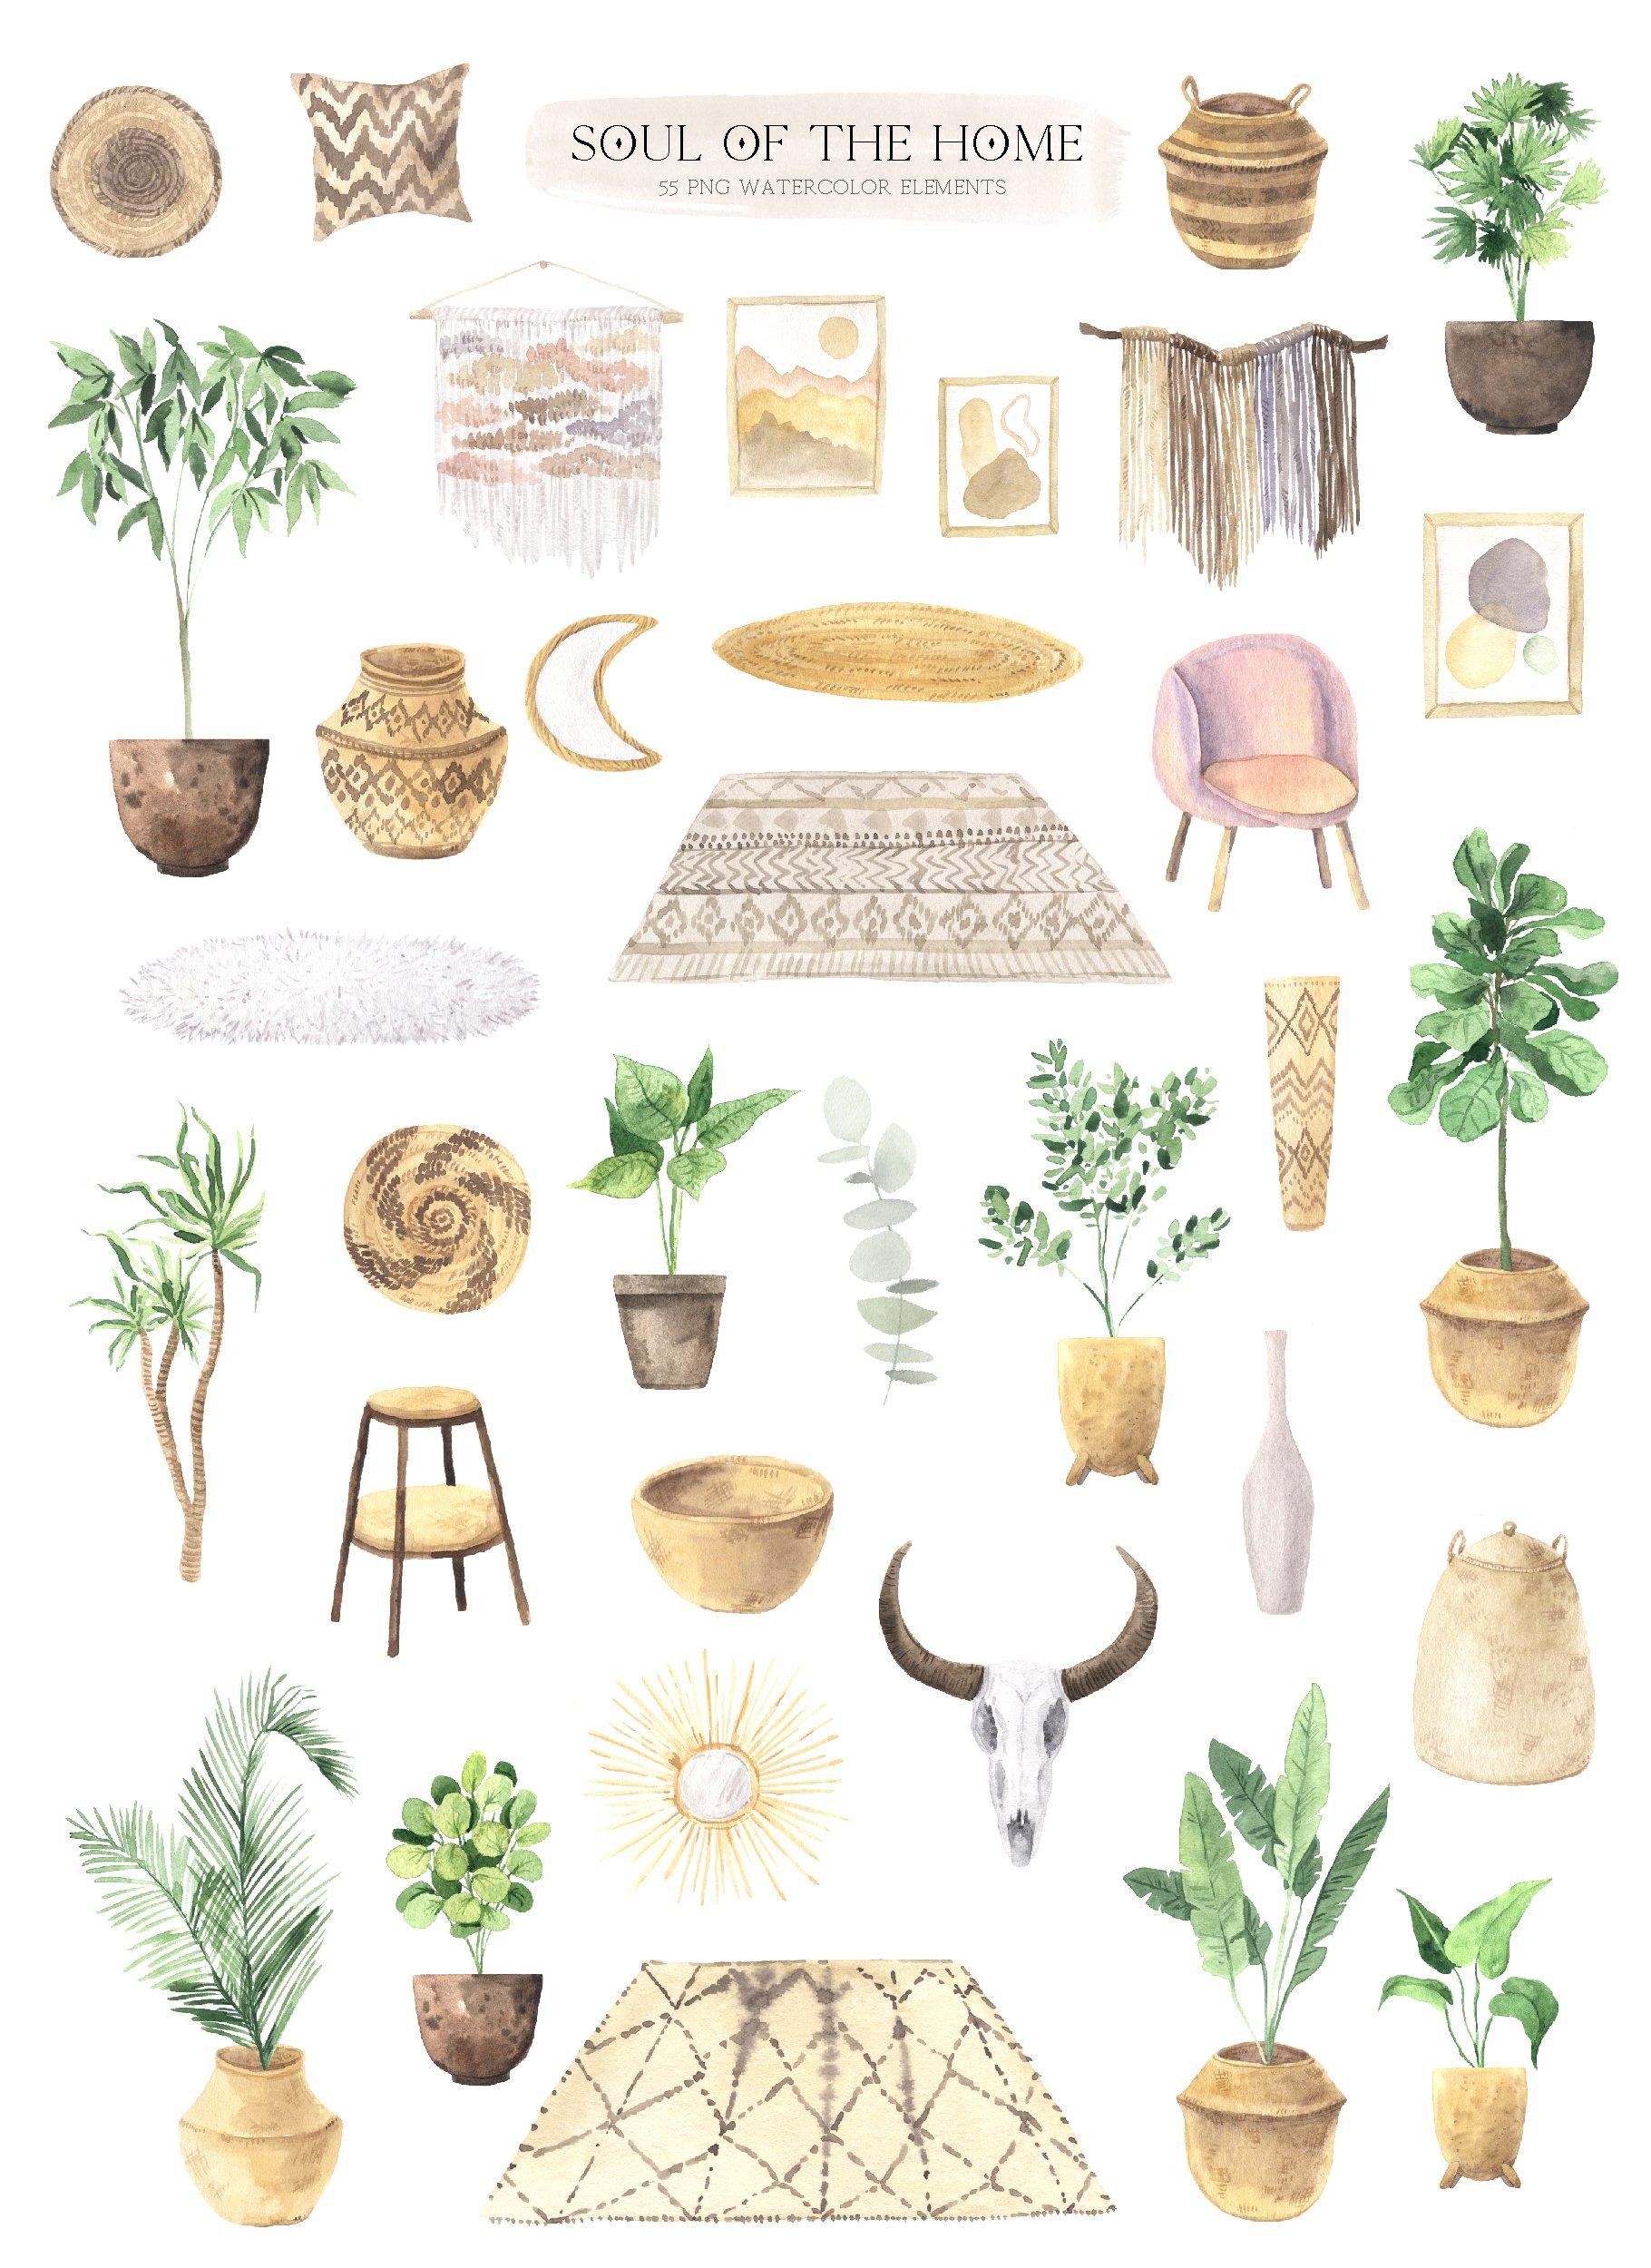 现代新潮手绘波西米亚风室内盆栽植物水彩剪贴画PNG免抠图片素材 Boho Home Interior Clipart插图(1)